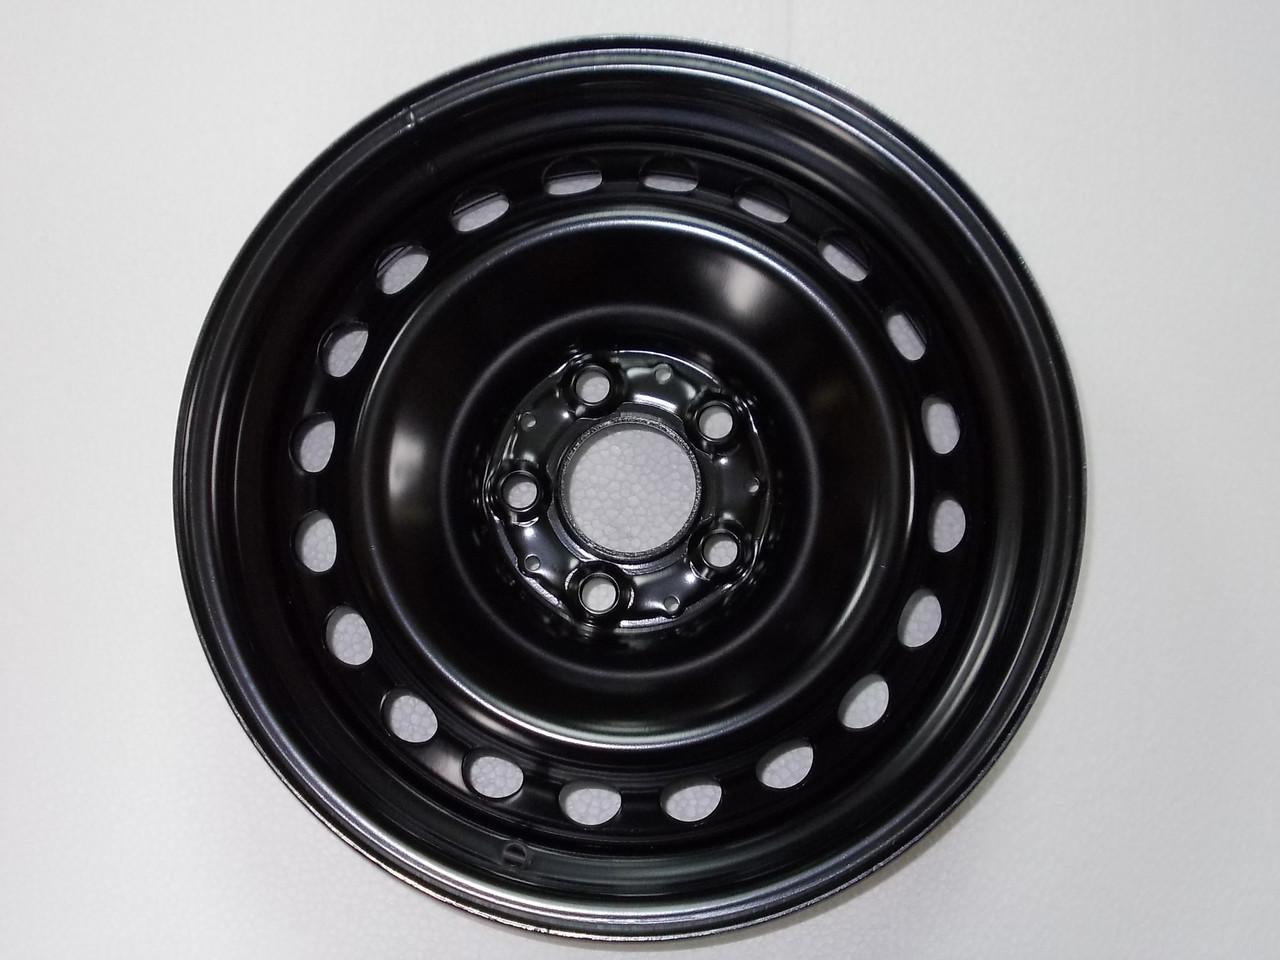 Стальные диски R16 5x112, стальные диски на VW Caddy Life Golf Eos, железные диски кадик лайф гольф еос